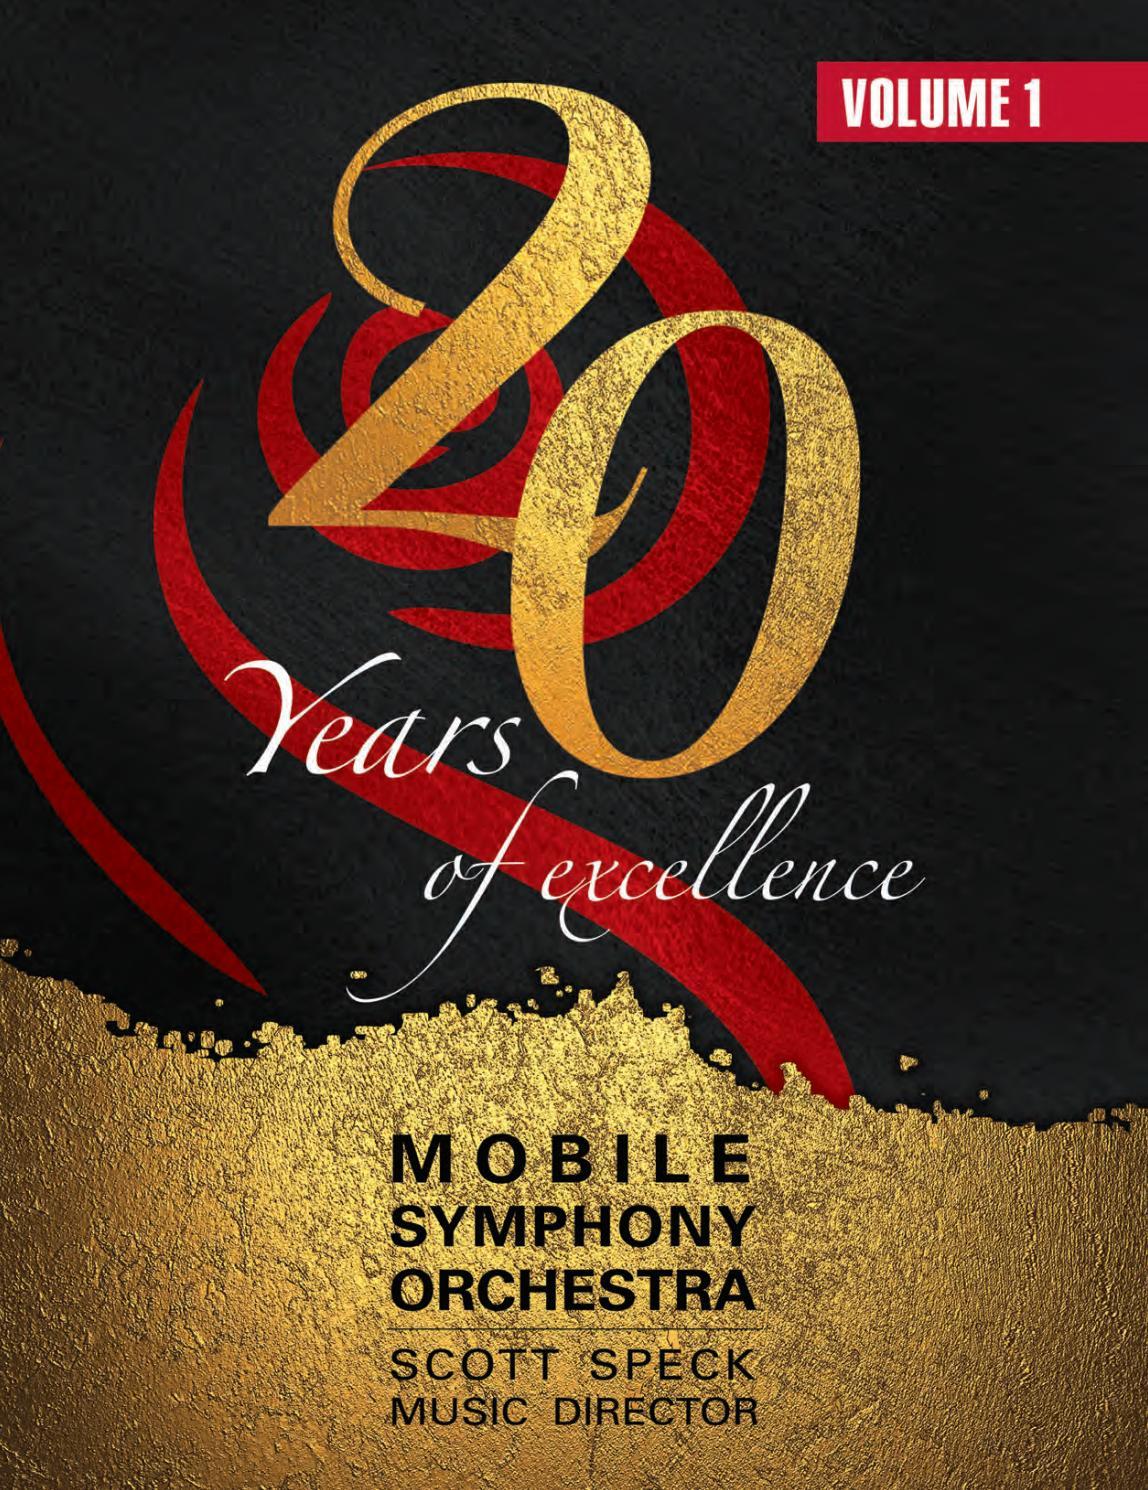 Mobile Symphony Orchestra 2017 Program by Mobile Symphony